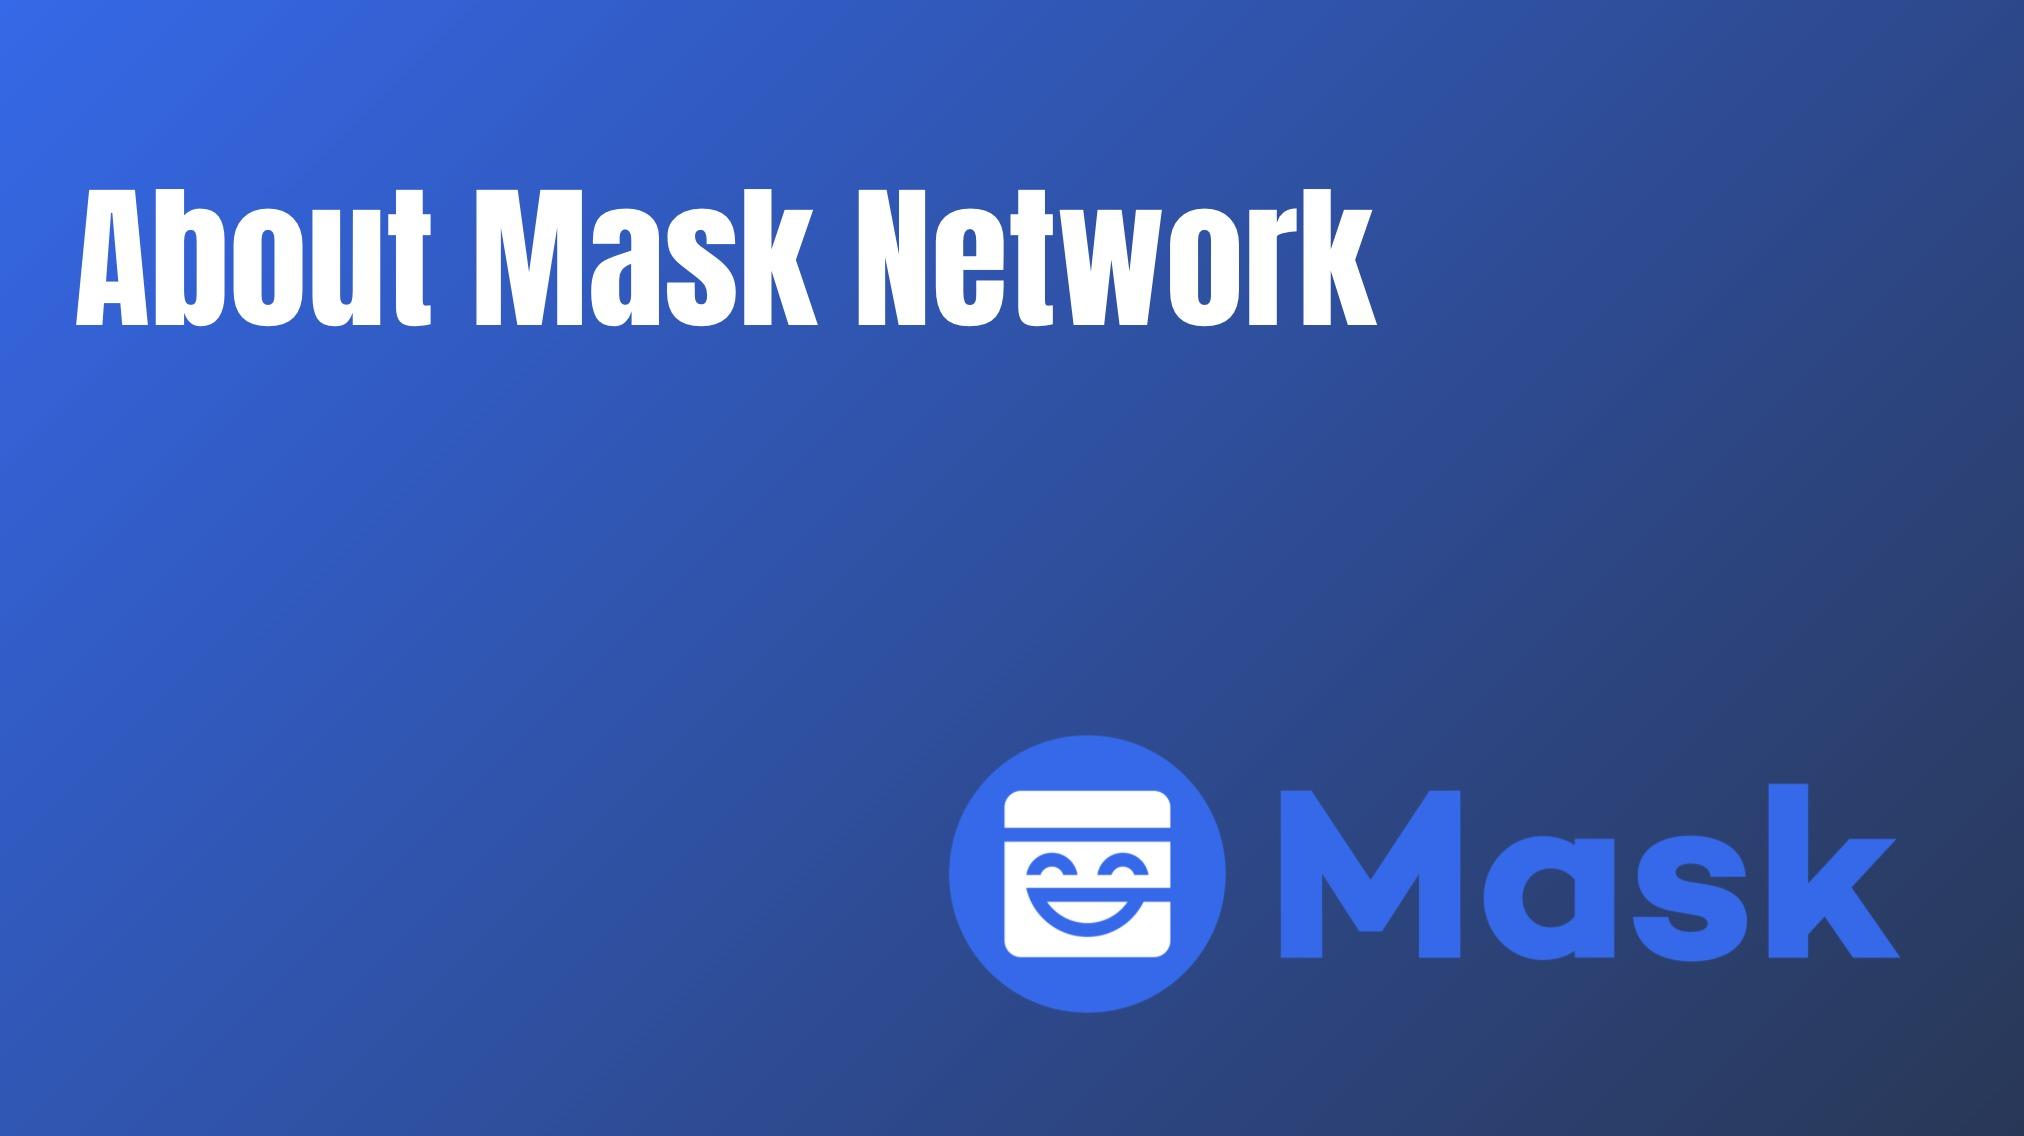 Mask Networkの使い方について解説!Twitter上で参加するITOにも注目